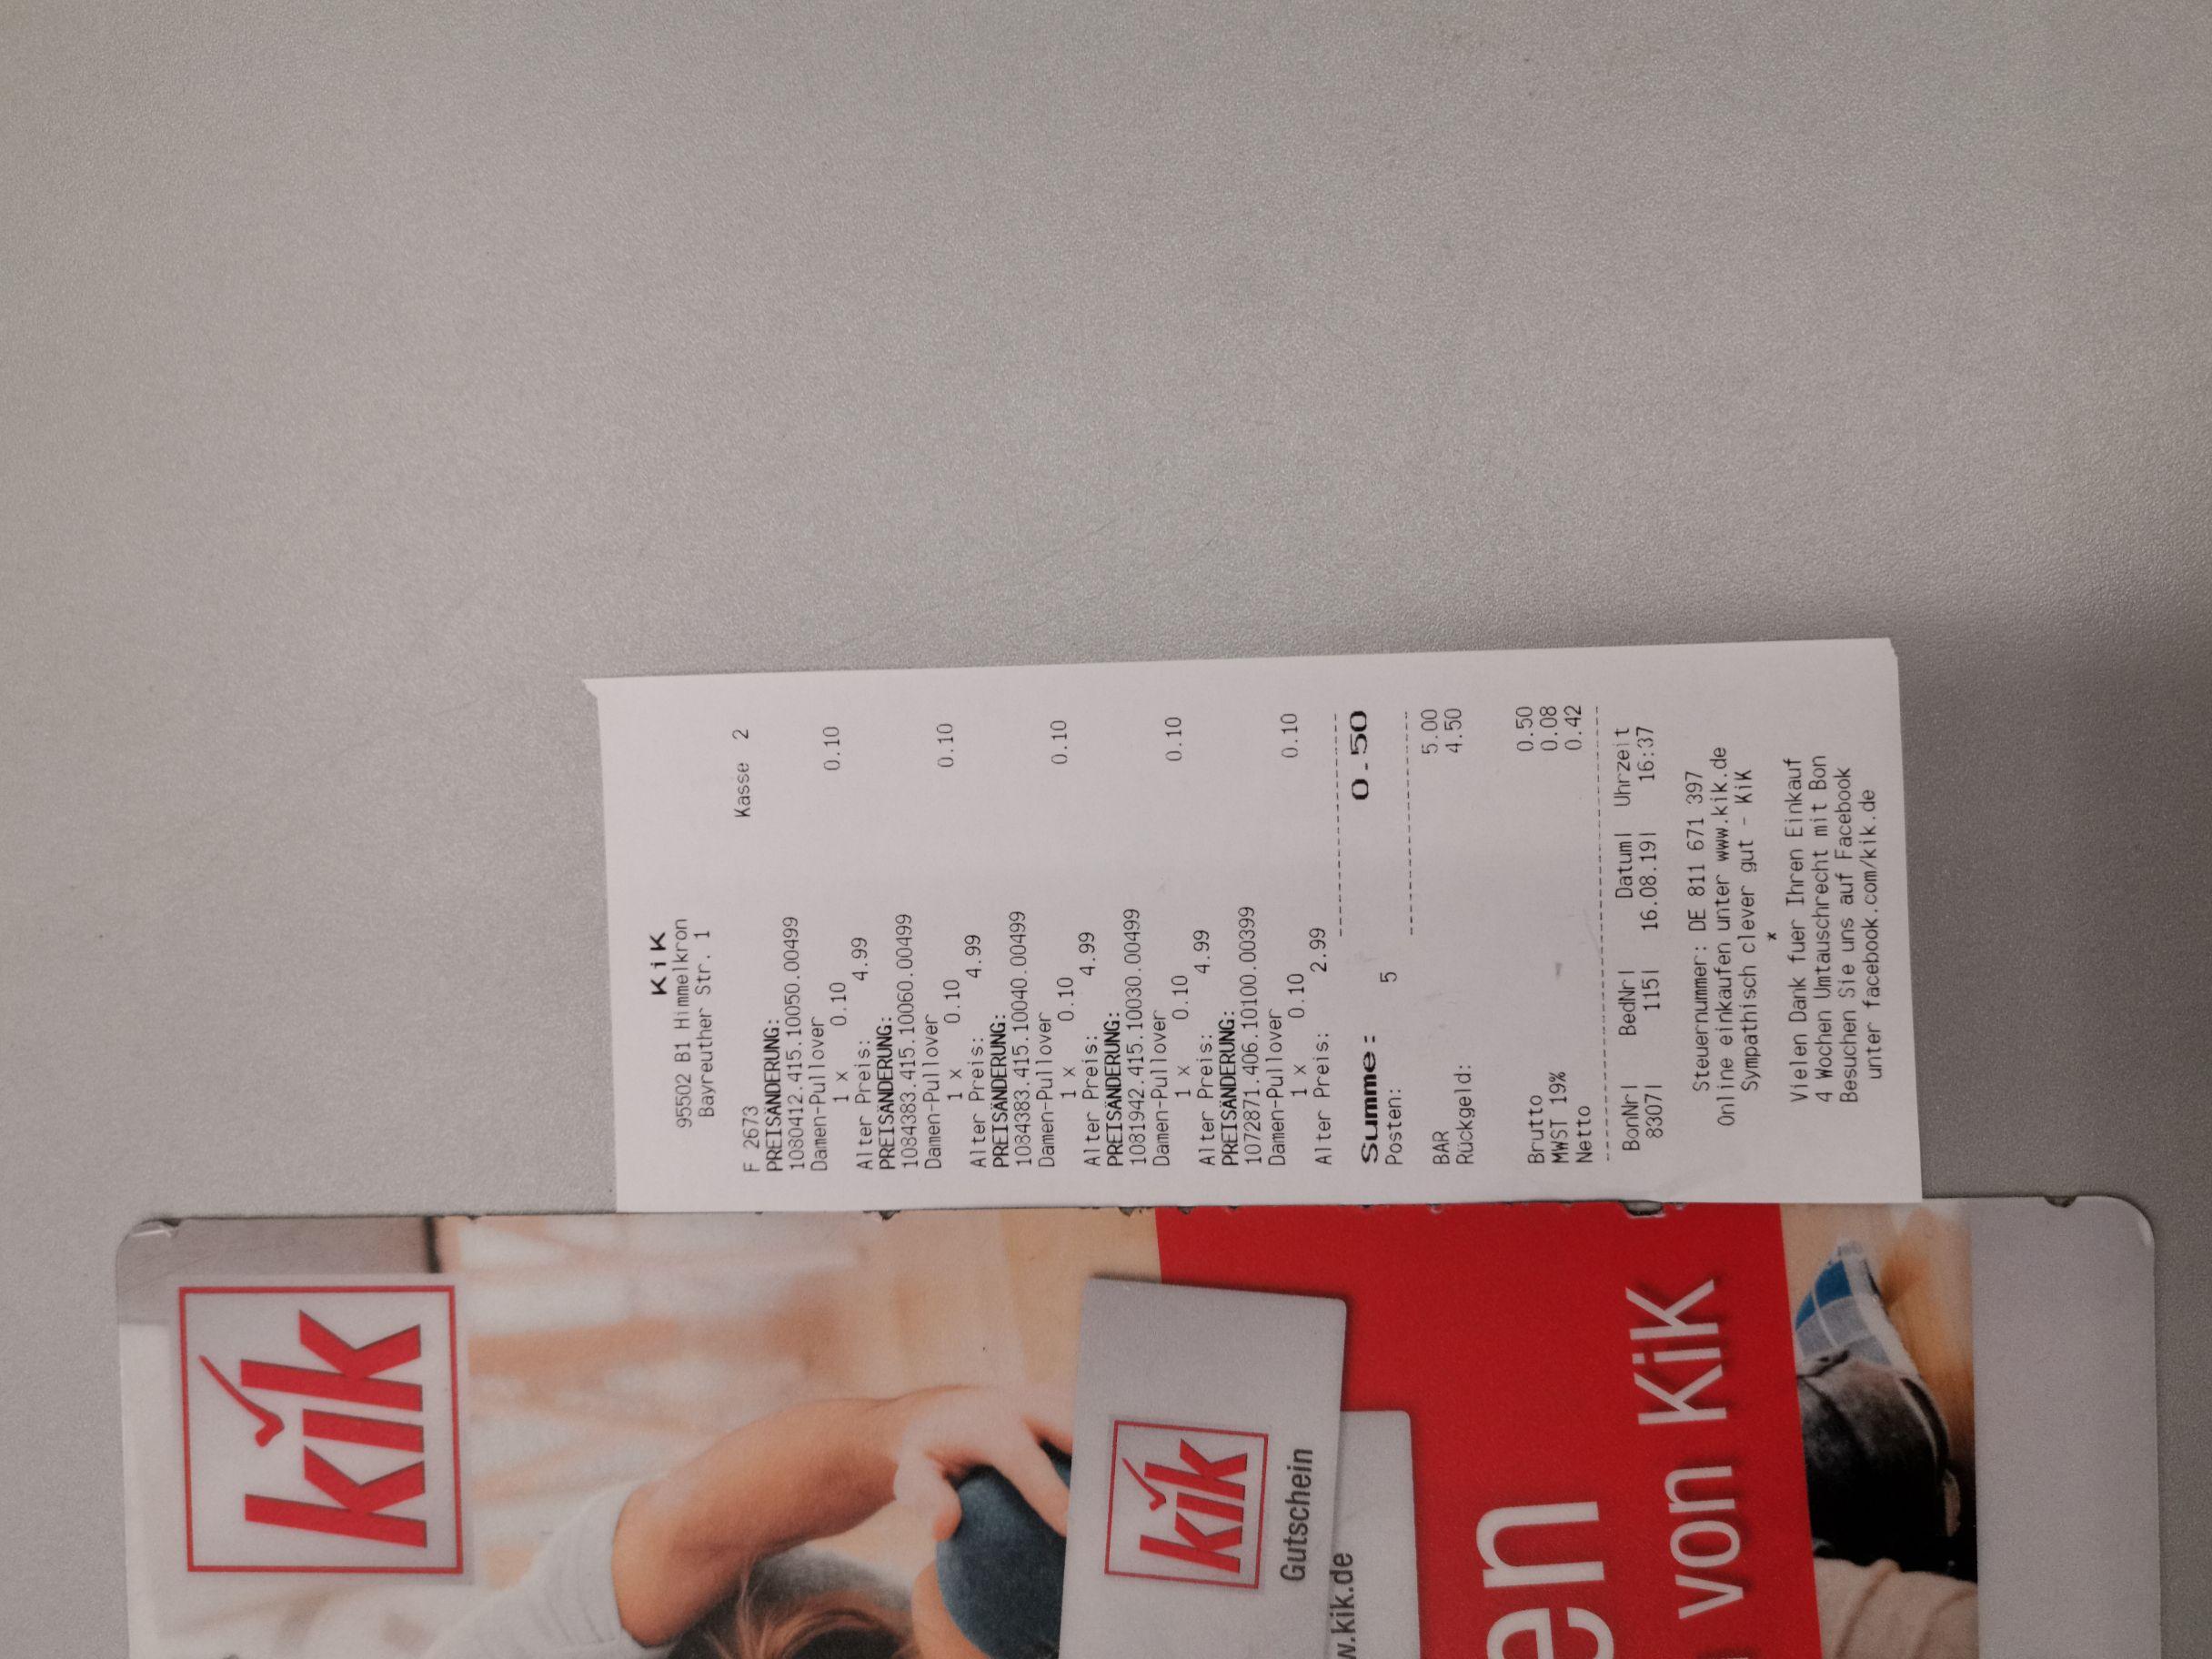 KIK. Bundesweit einzelne Läden. Lagerräumung. T-shirts 0,10 EUR.